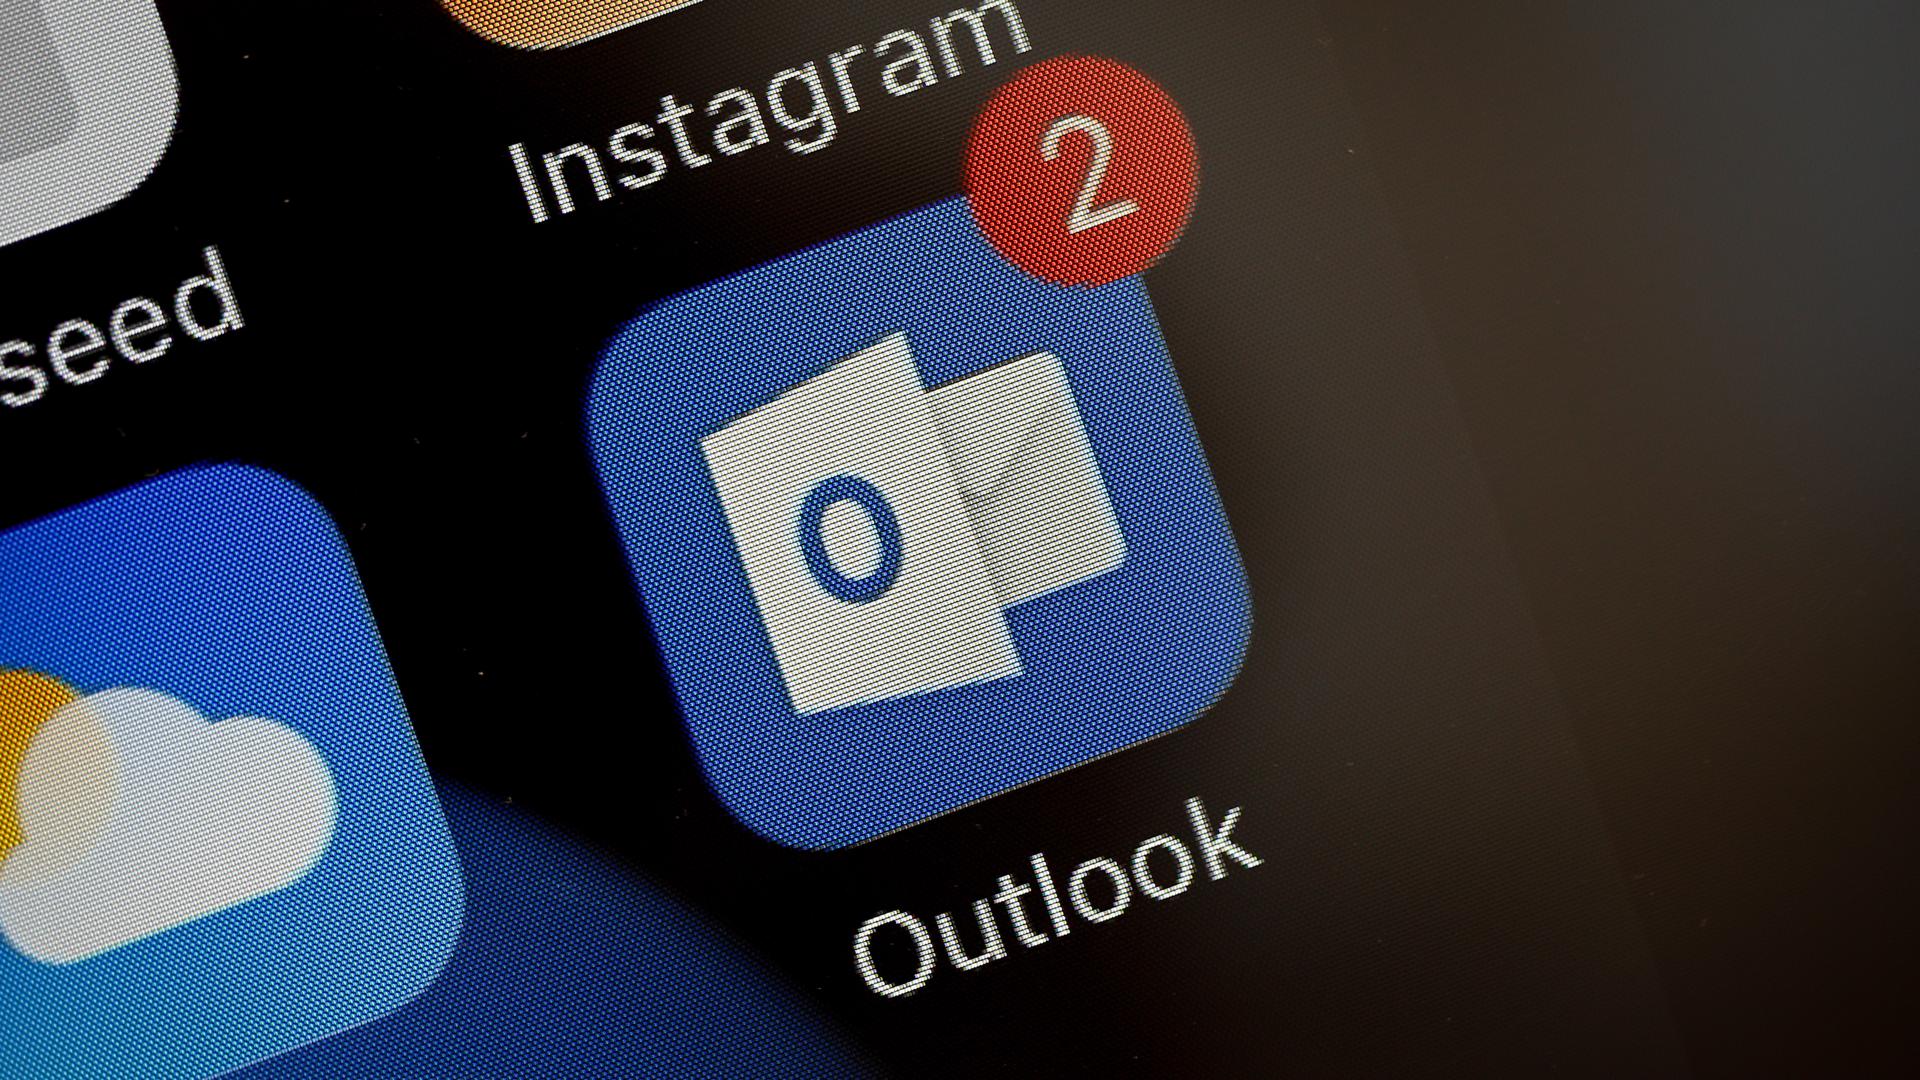 outlook icoon 16x9